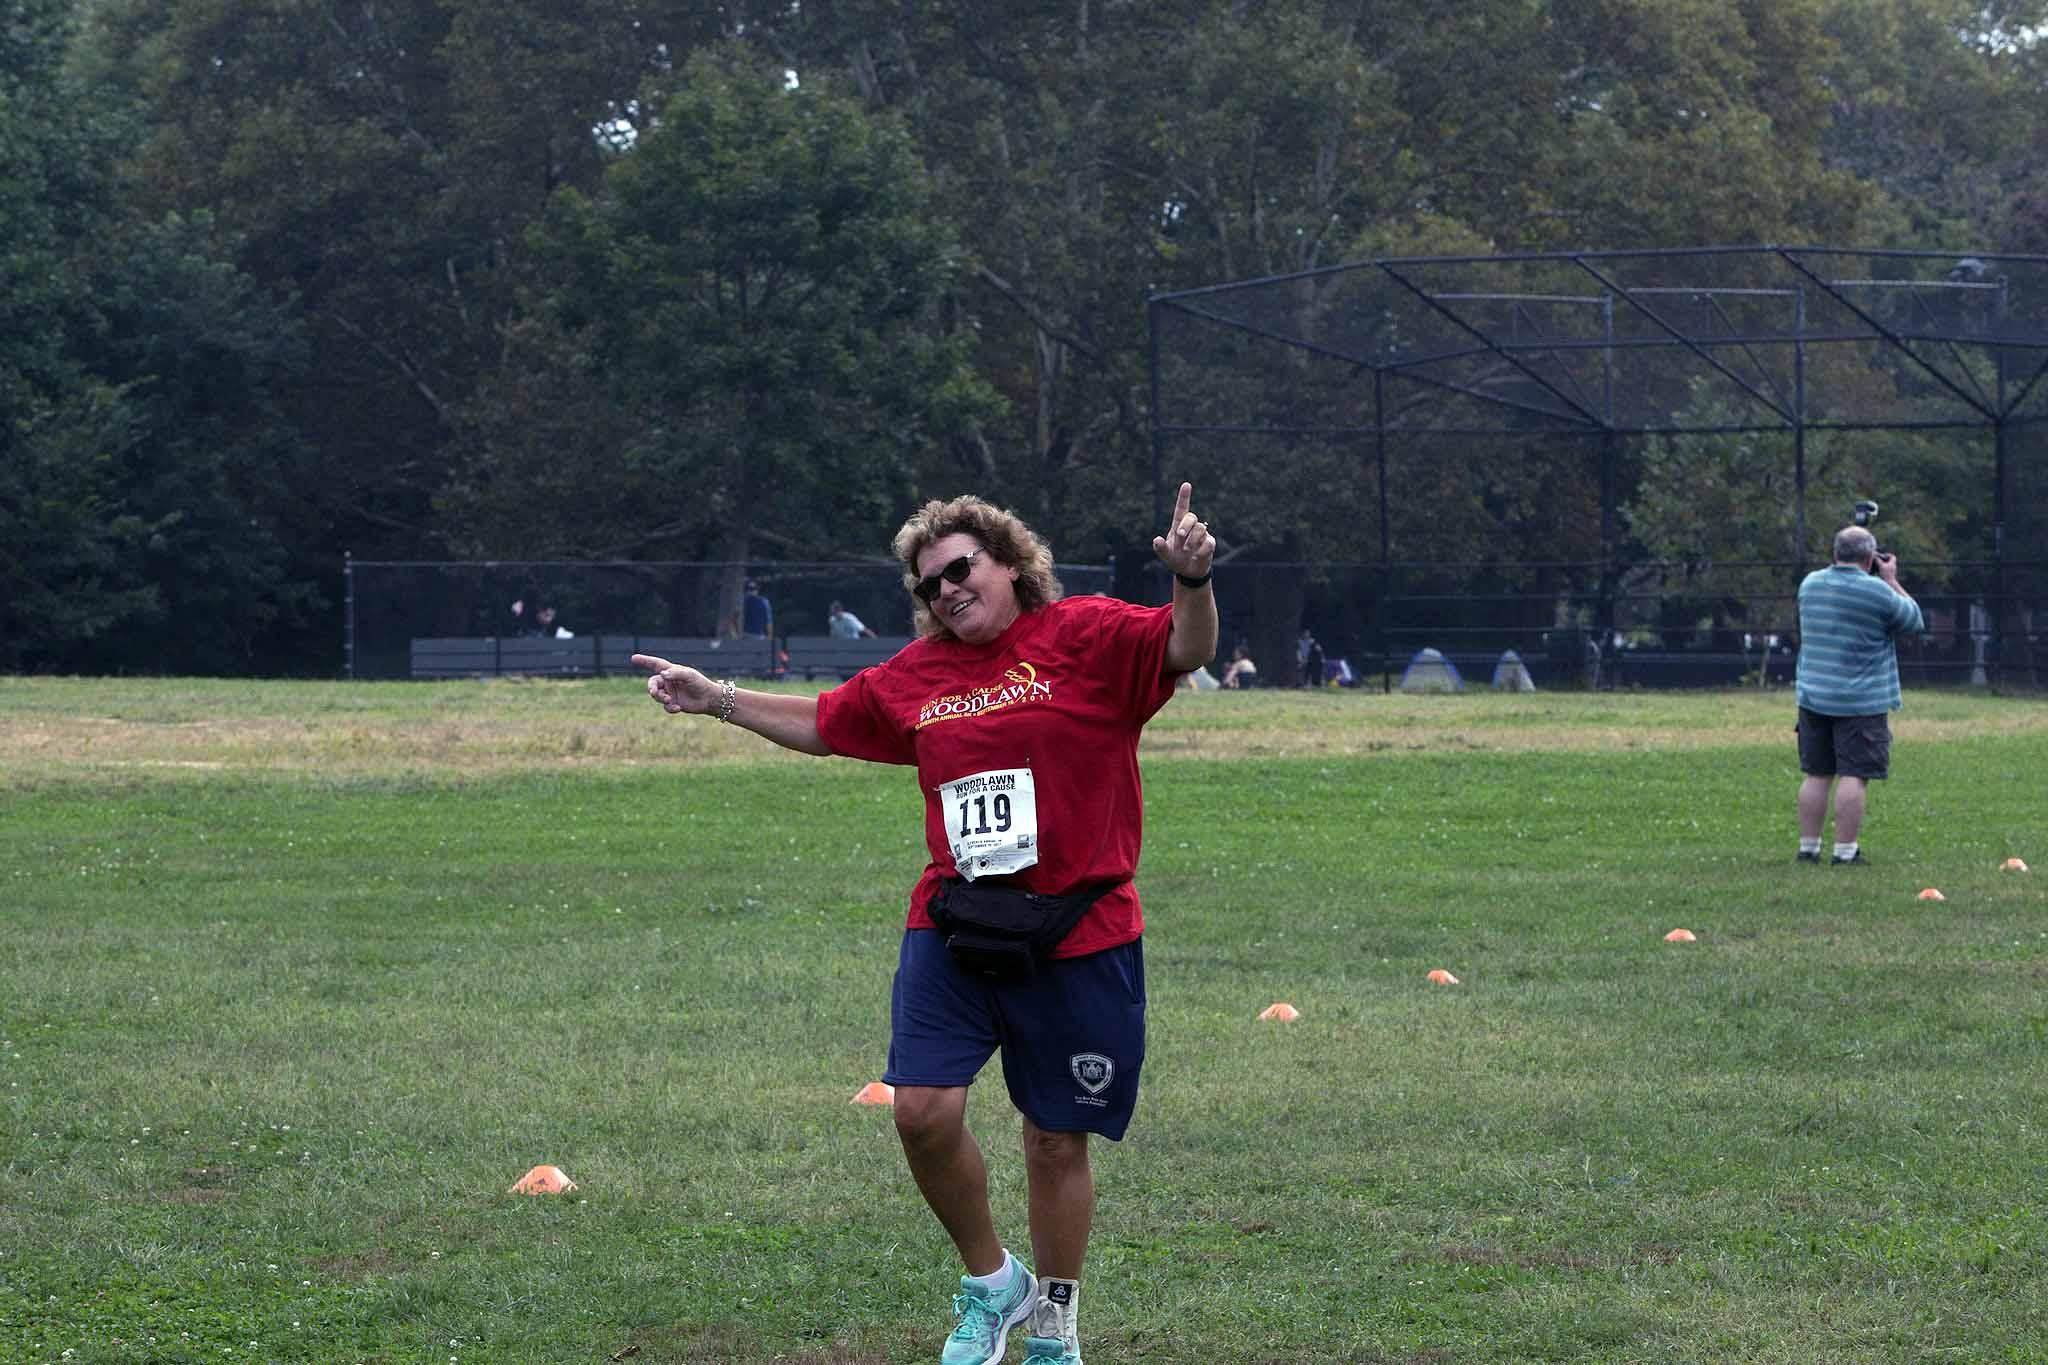 184-Woodlawn Run for a Cause-536.jpg